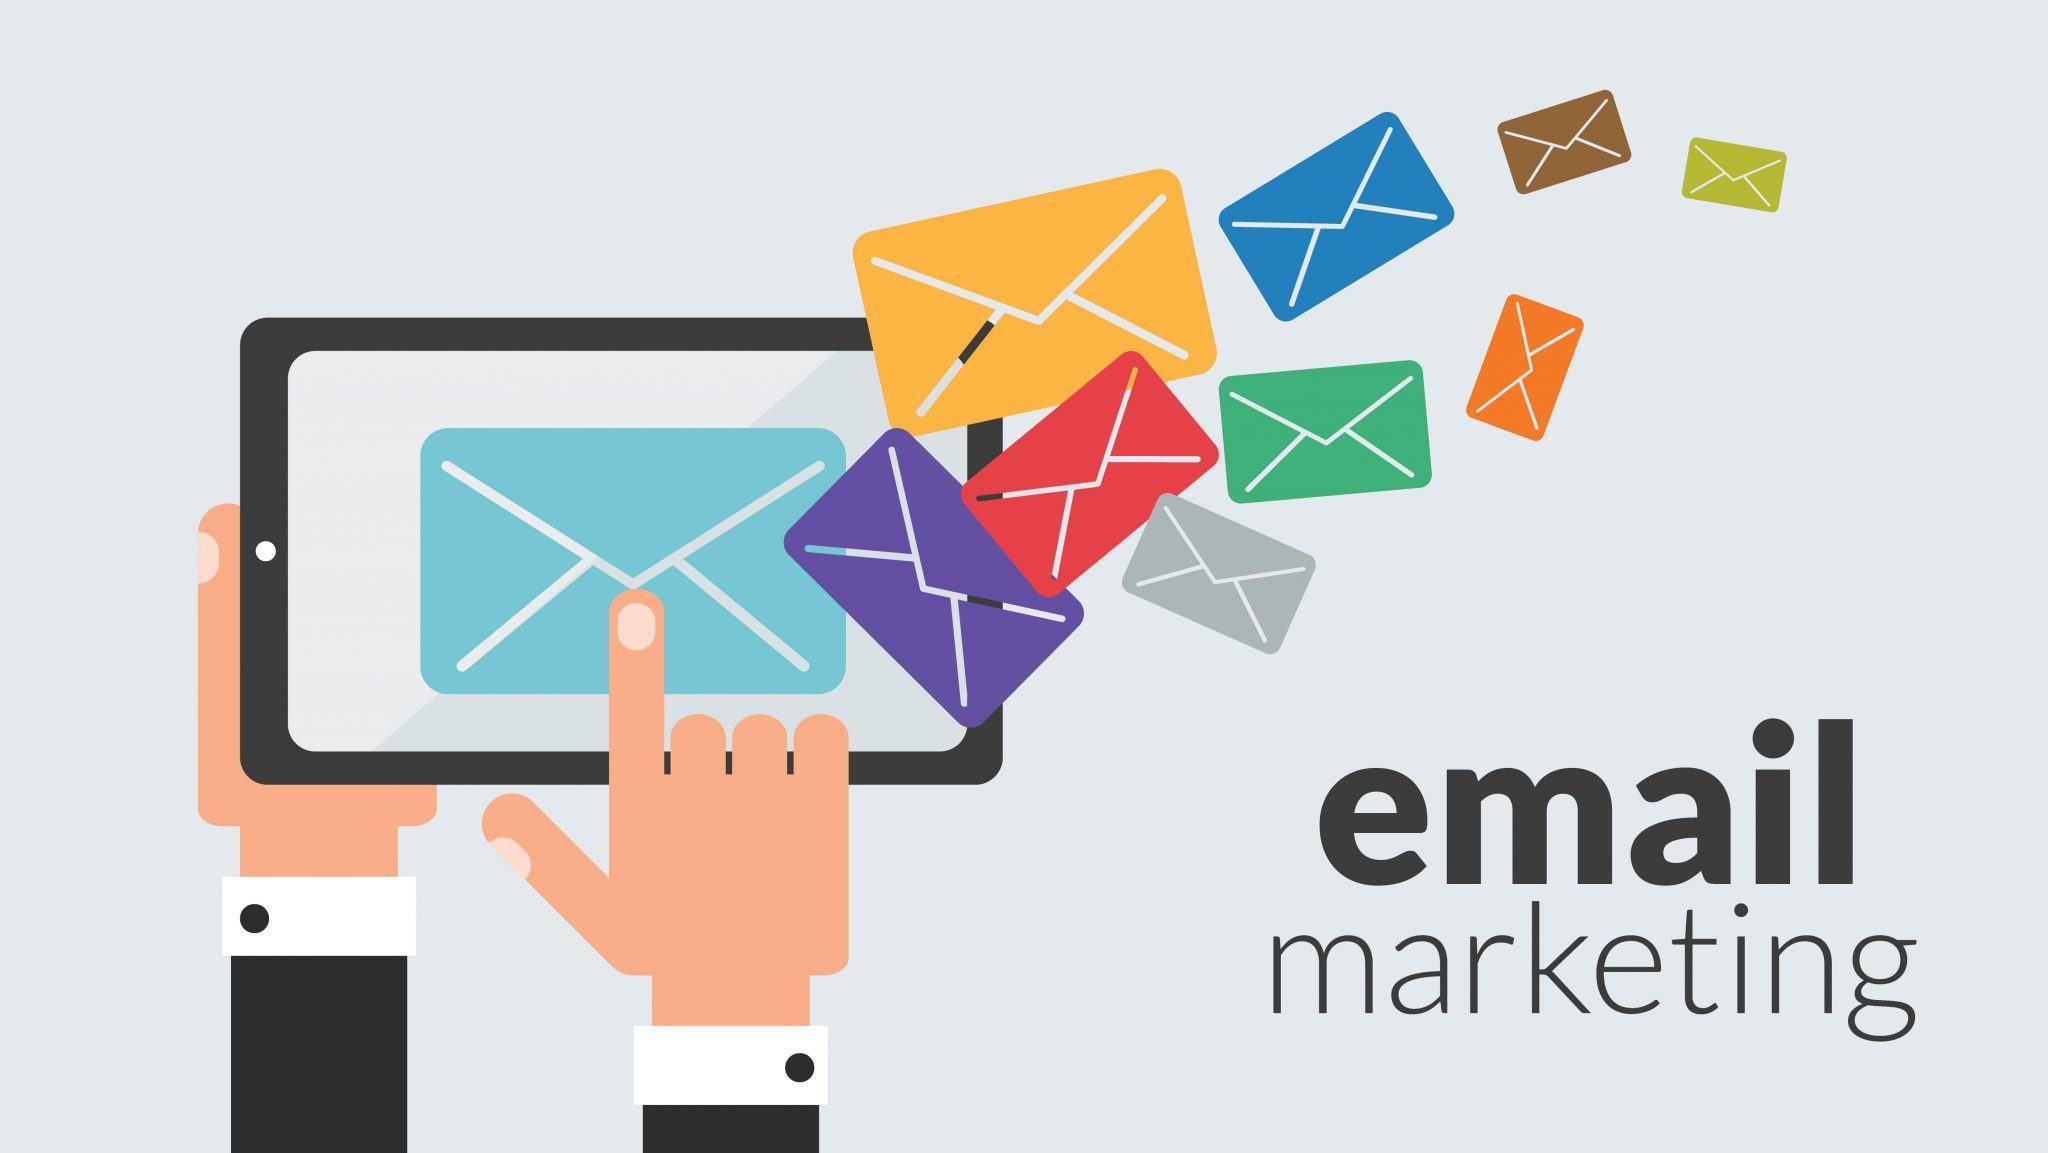 20 phương pháp tăng data email khách hàng tiềm năng hiệu quả - image email-marketing on https://atpsoftware.com.vn